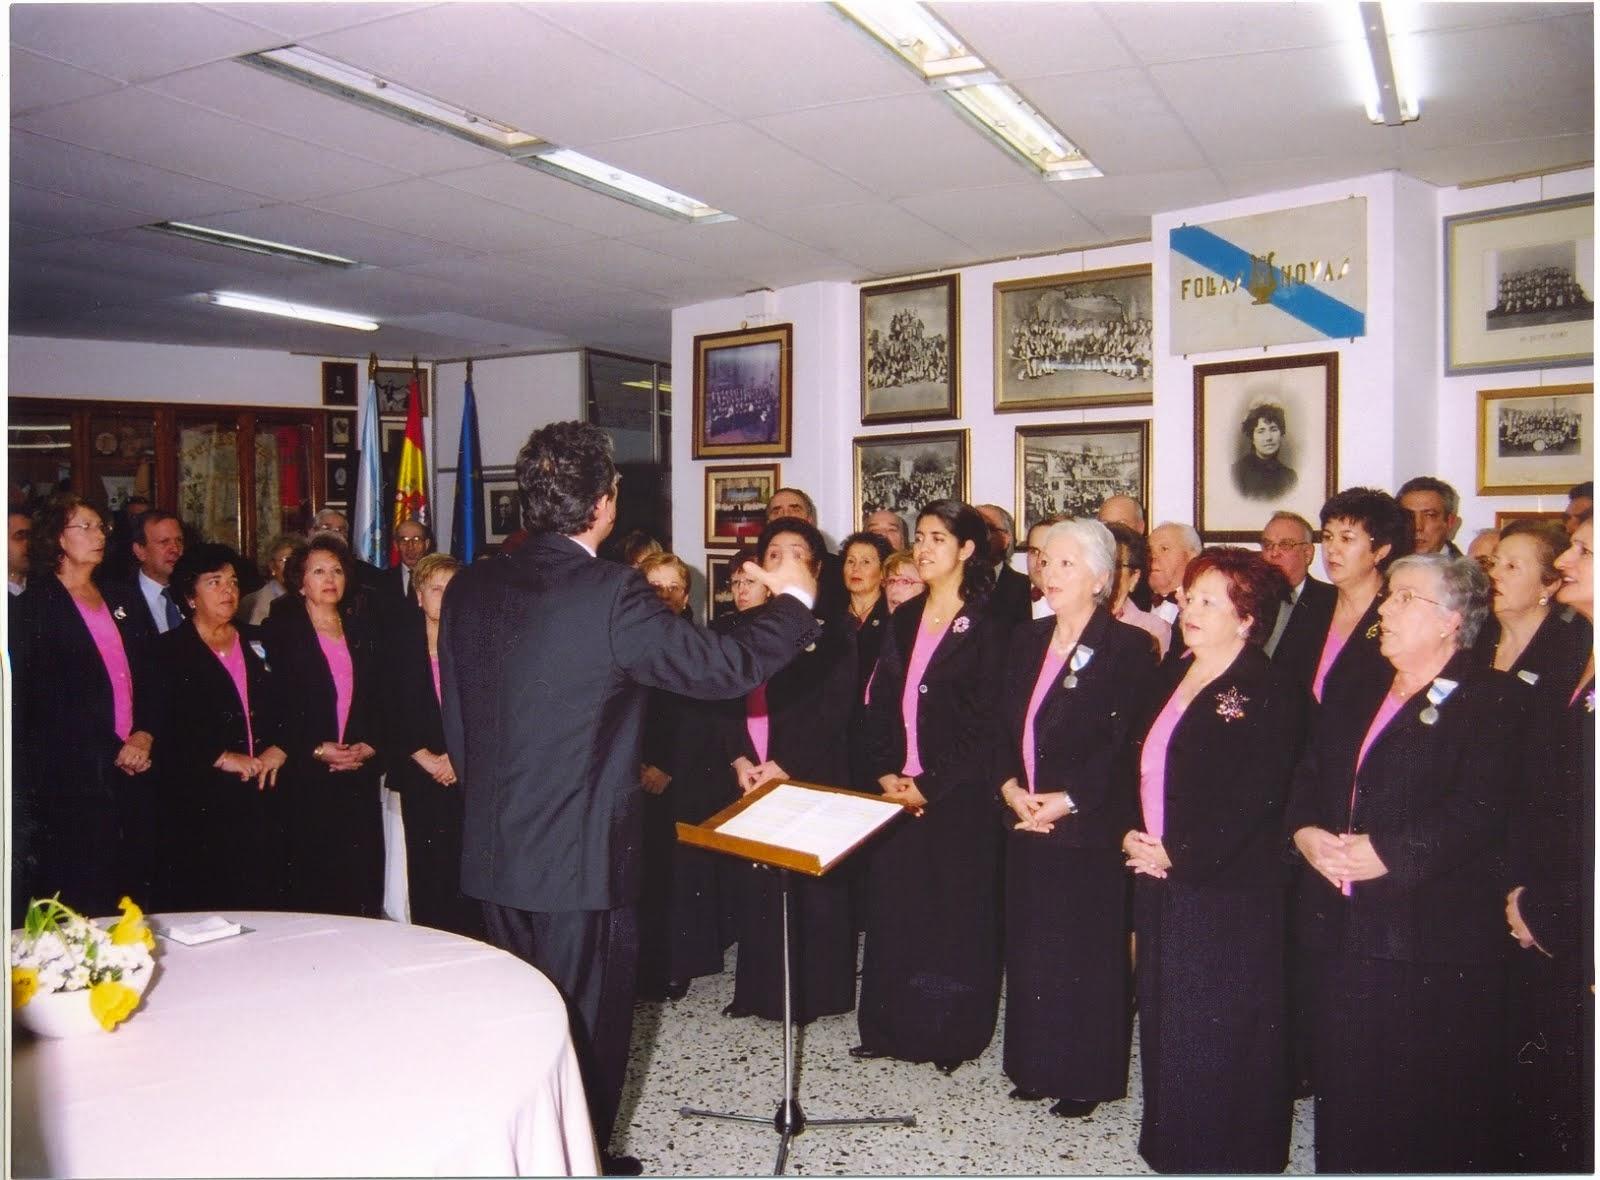 Coro Polifónico Follas Novas La Coruña